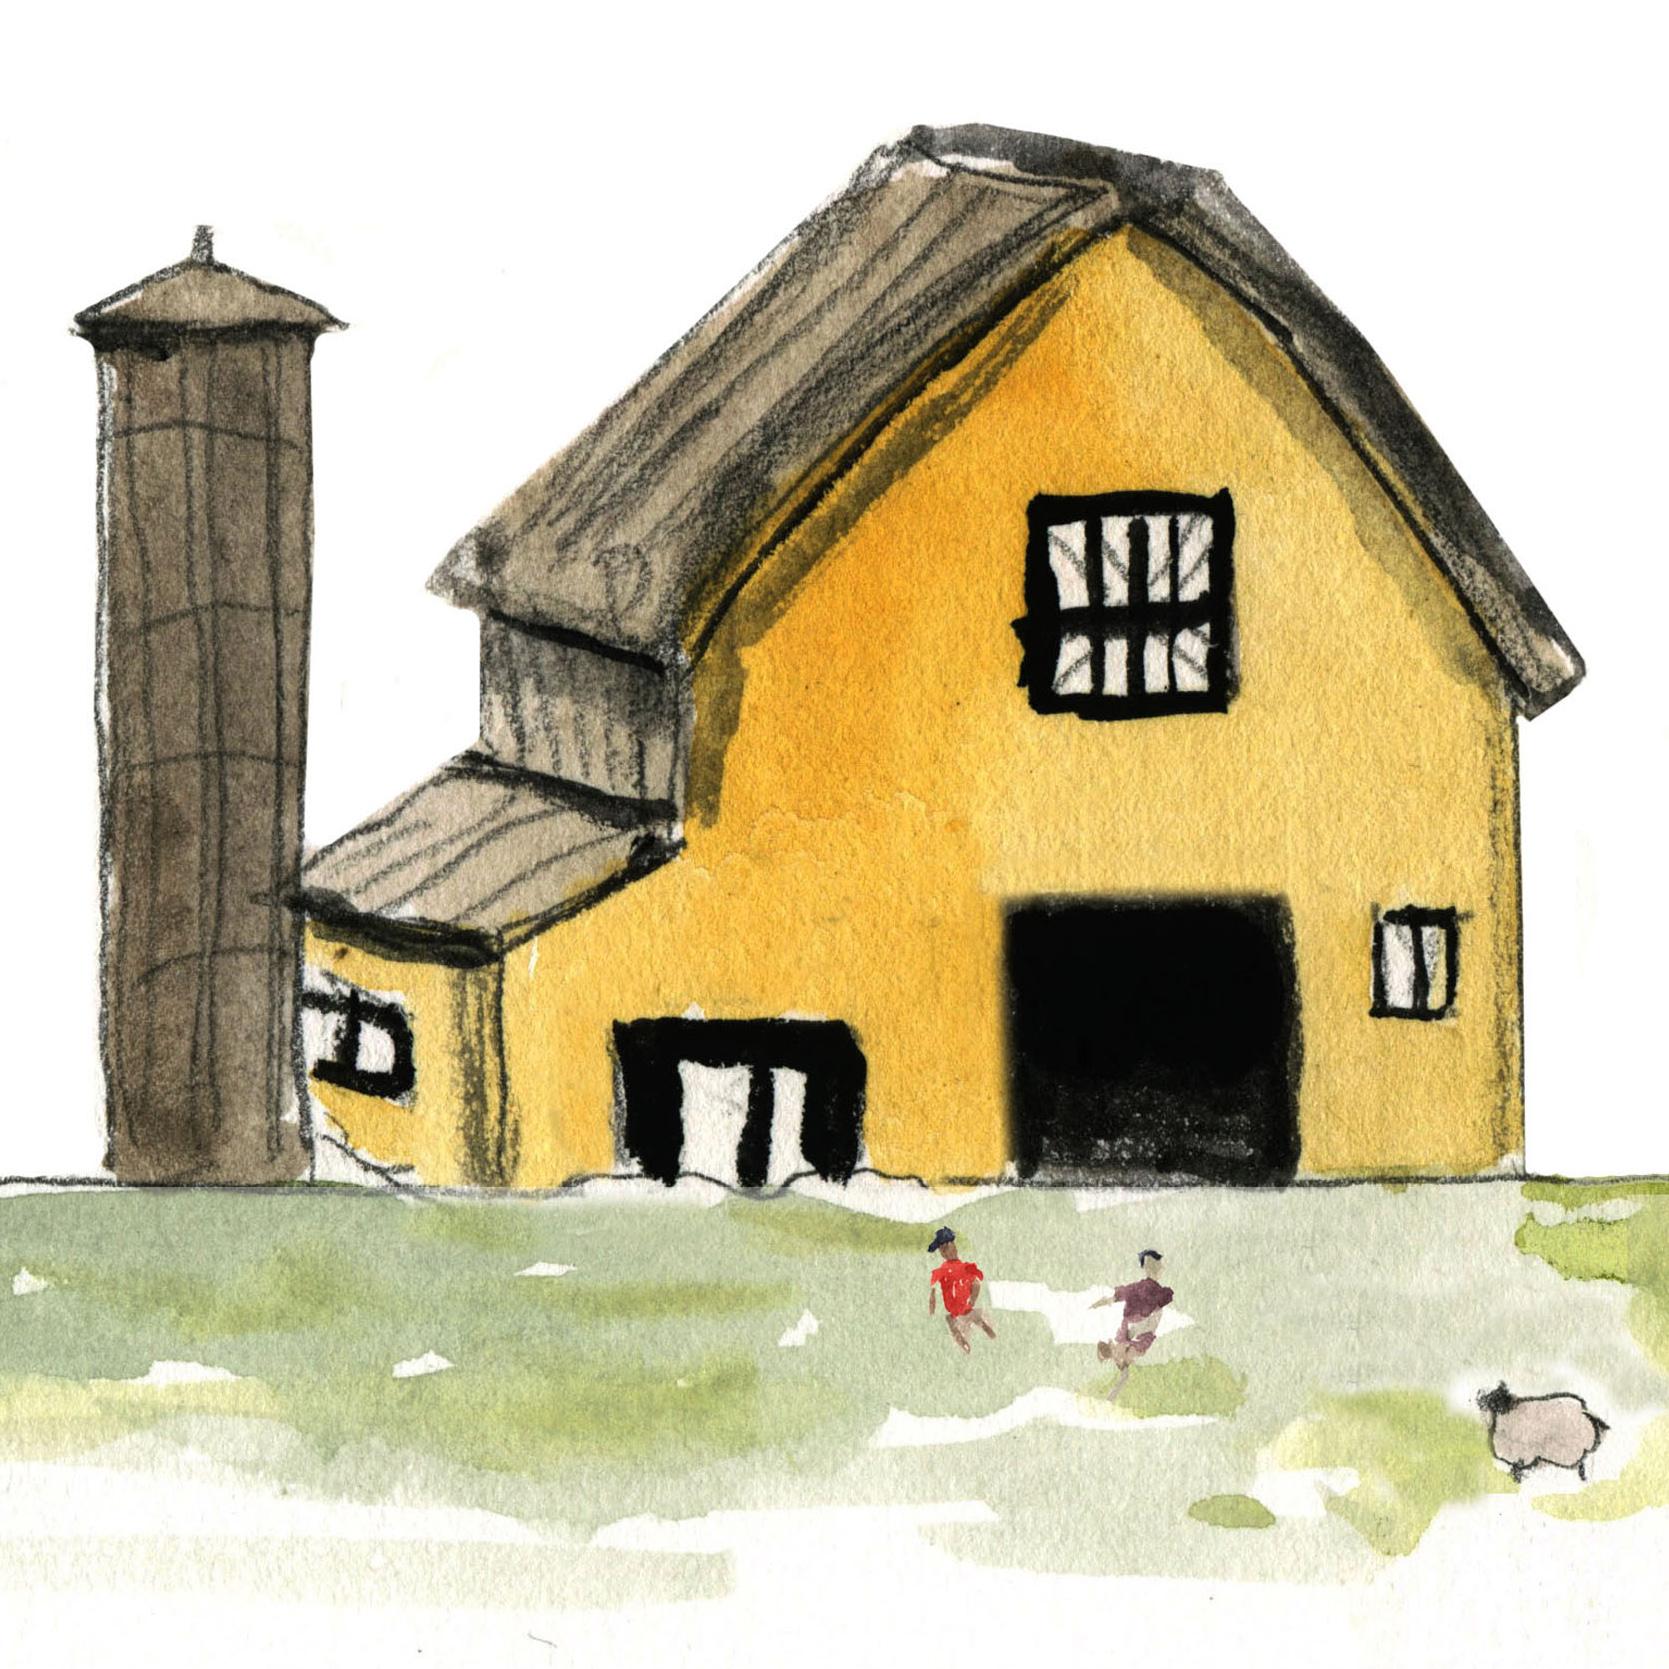 yellow farmhouse illustration